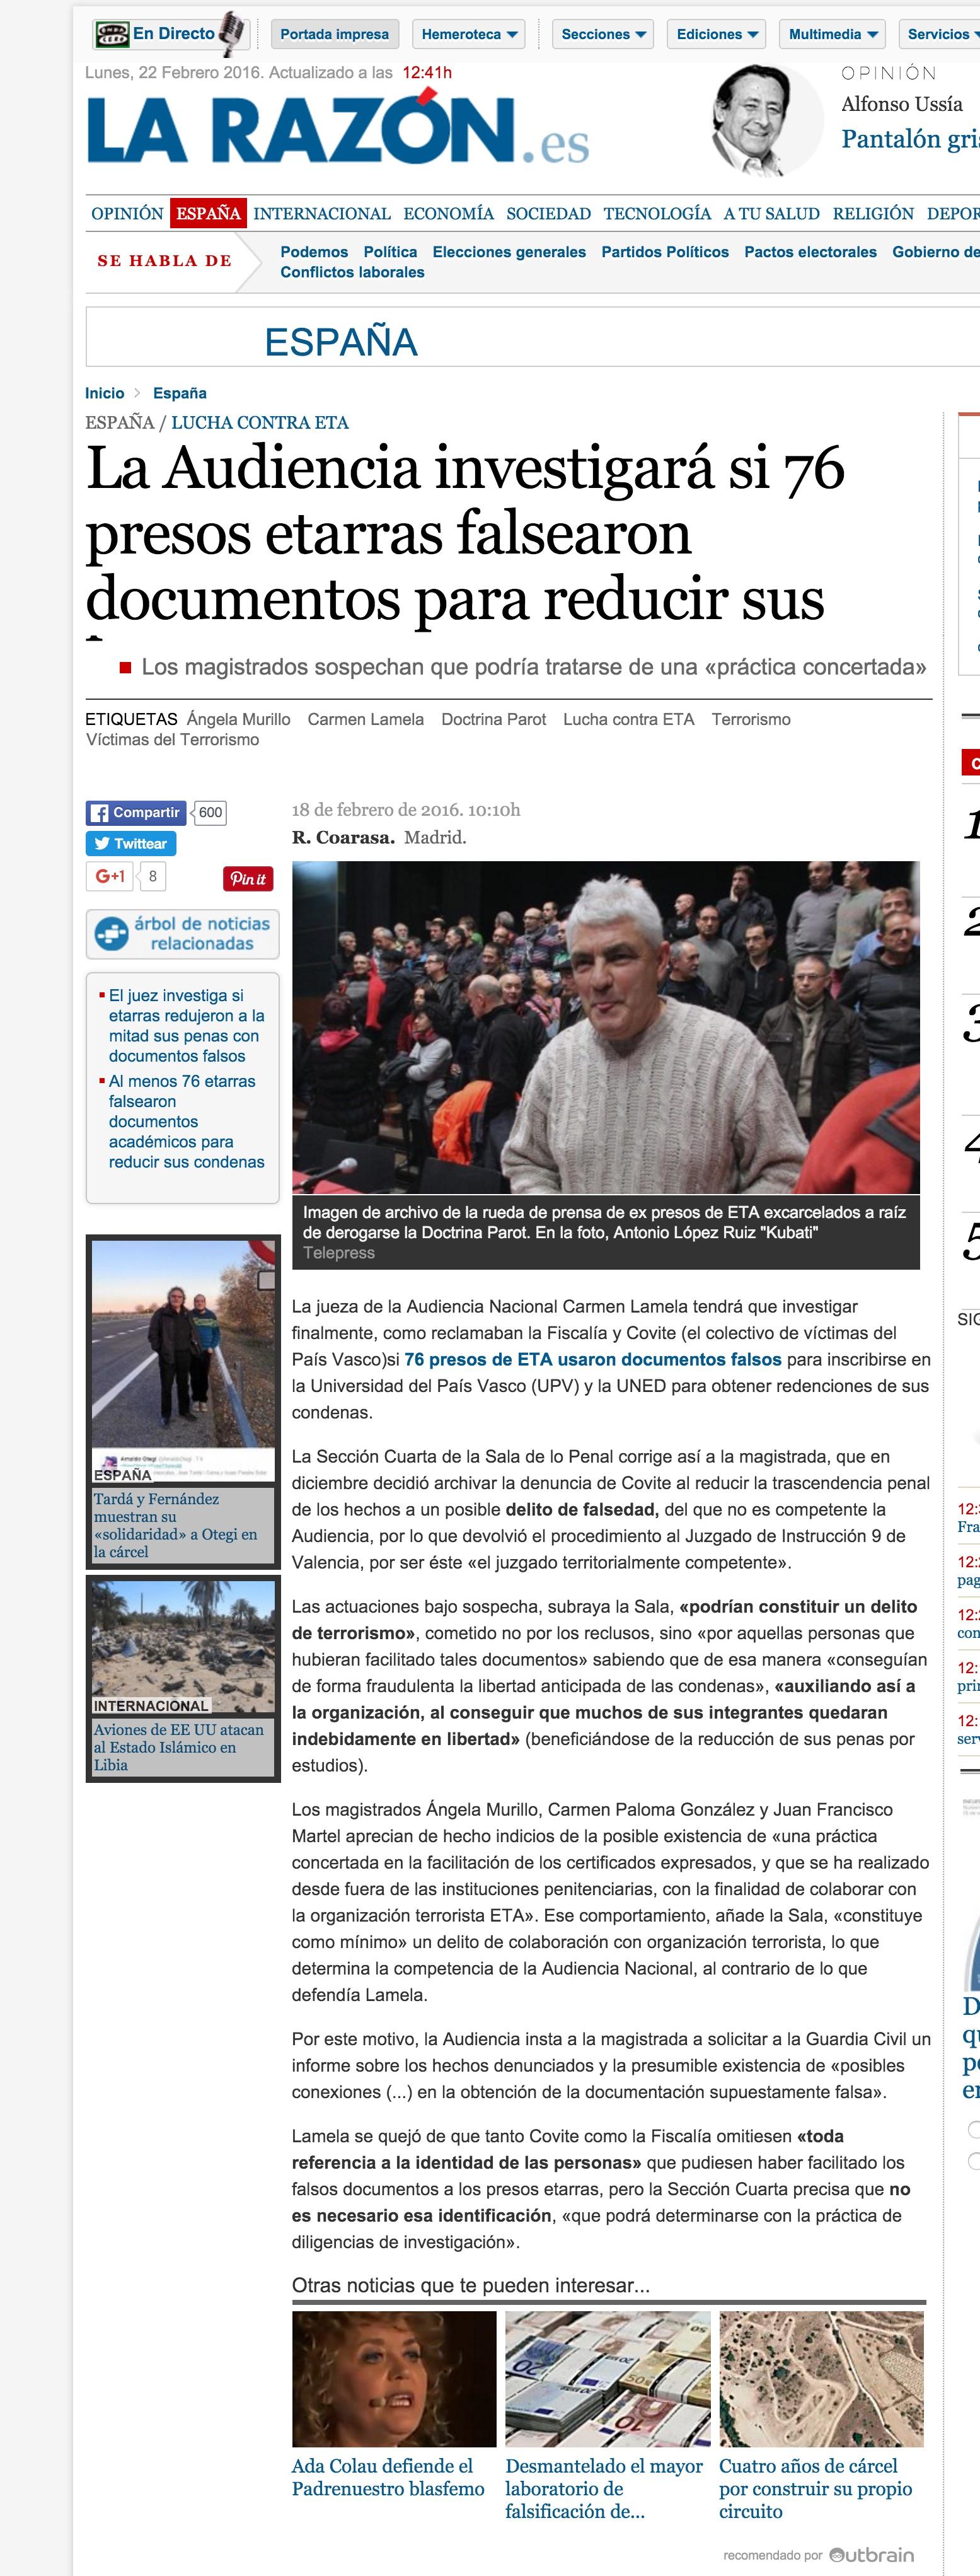 screencapture-www-larazon-es-espana-la-audiencia-ordena-investigar-si-76-presos-etarras-falsearon-titulos-academicos-GP11963665-1456142925192